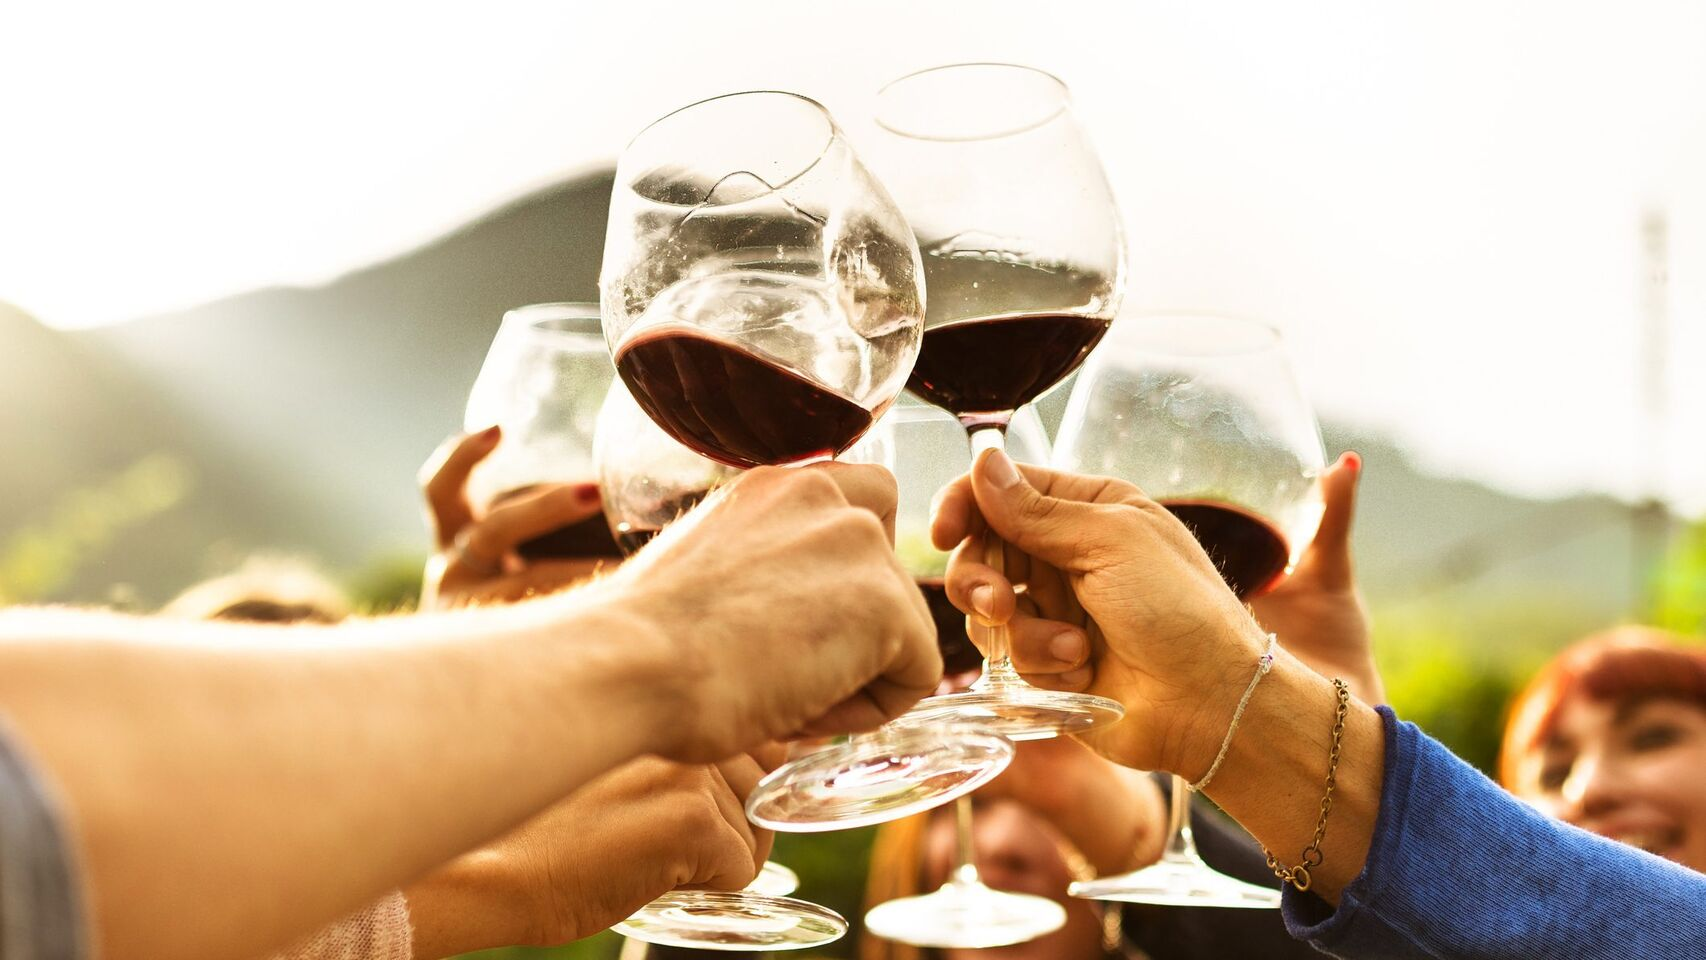 El vino en 2020: 11 tendencias que marcarán la nueva década